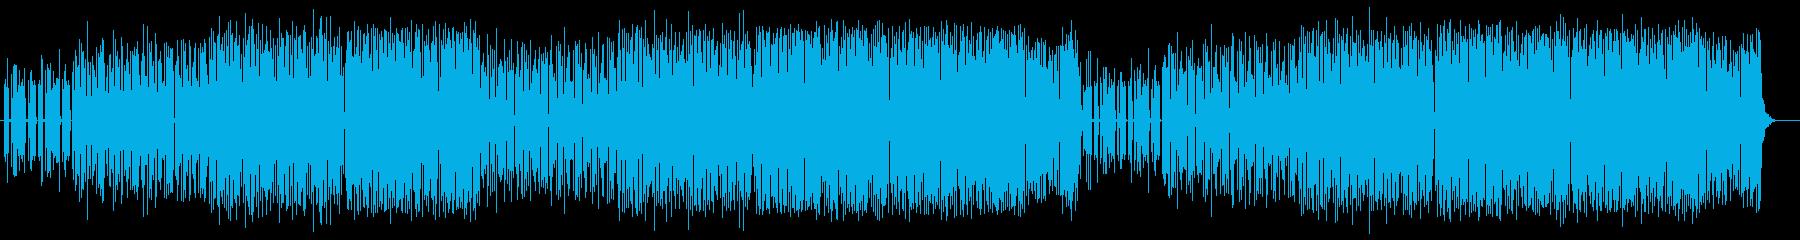 軽快で近未来感が特徴のテクノポップスの再生済みの波形